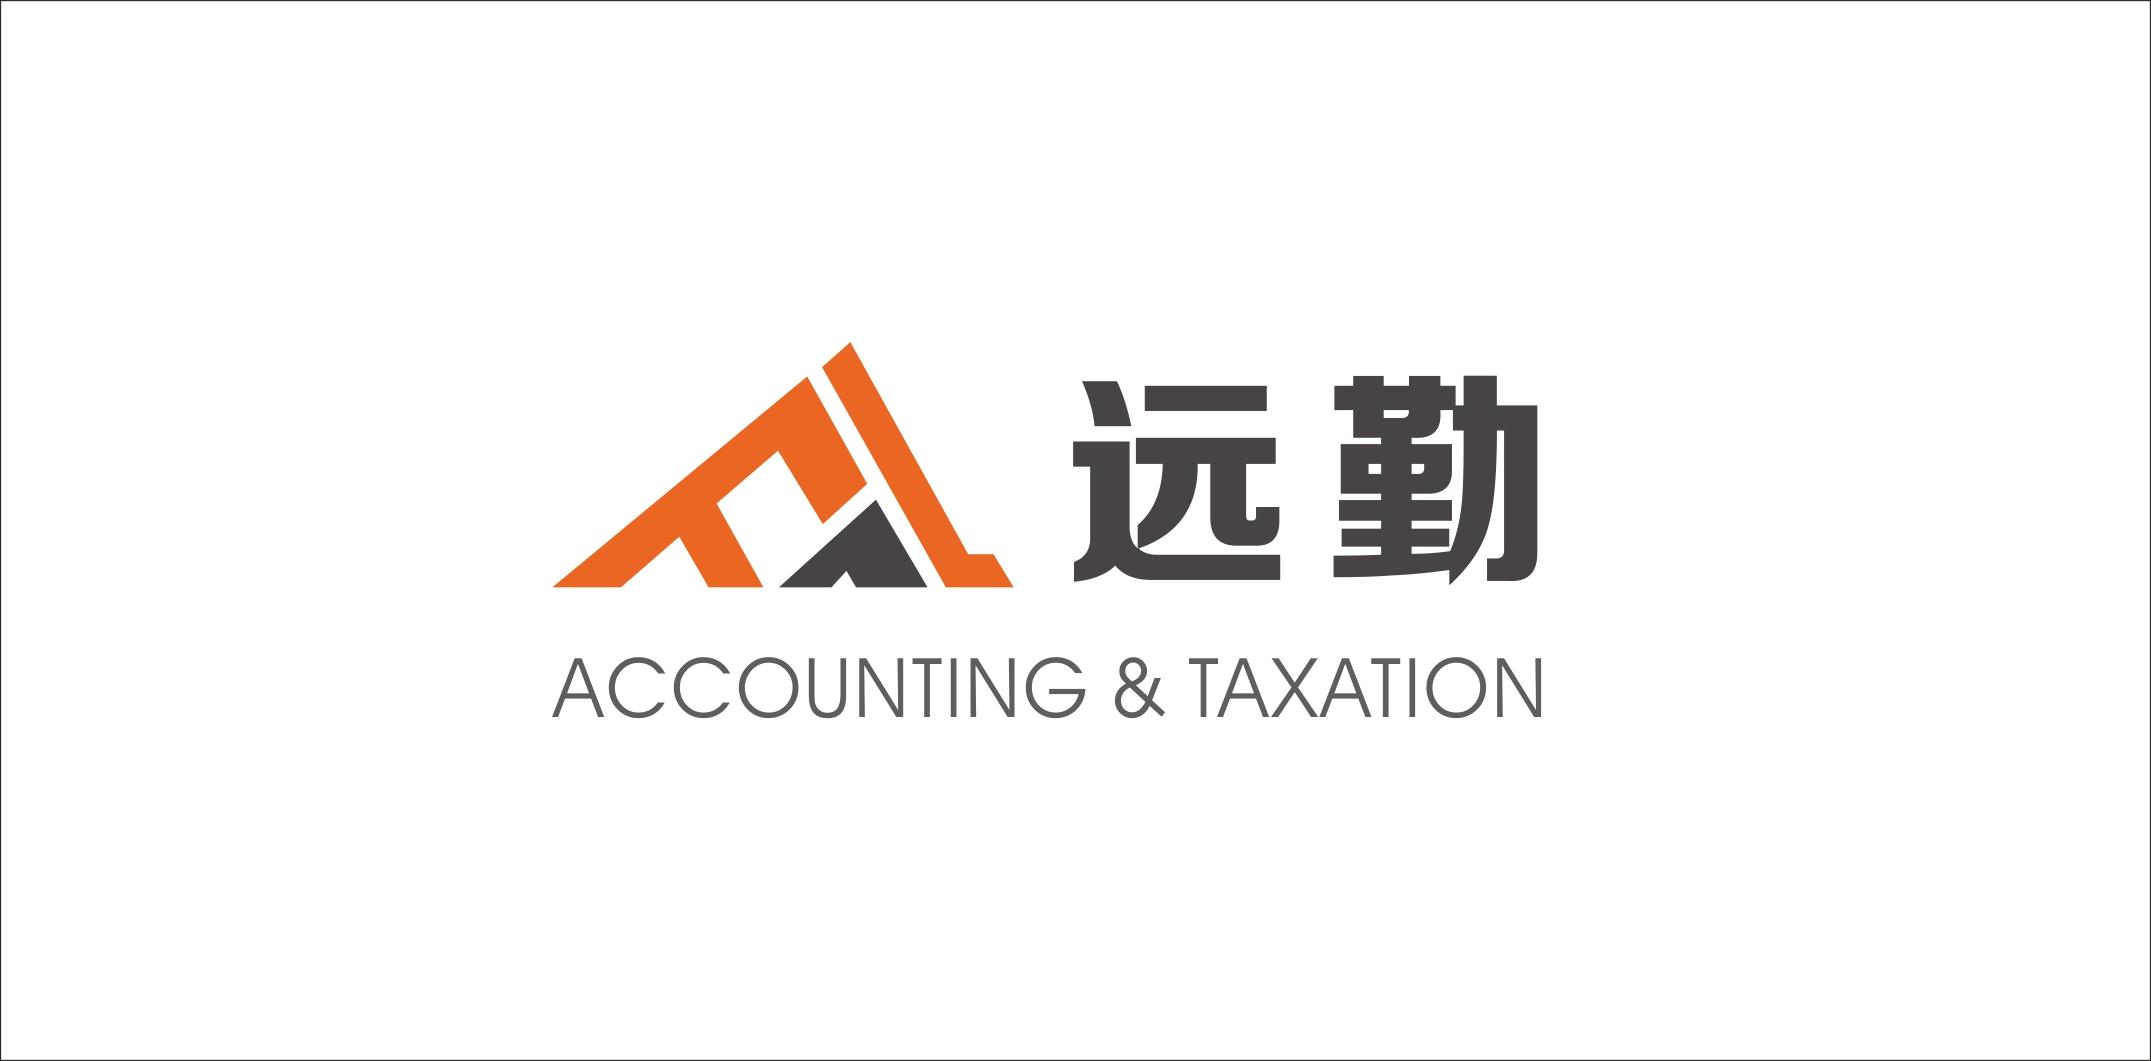 远勤会计税务有限公司